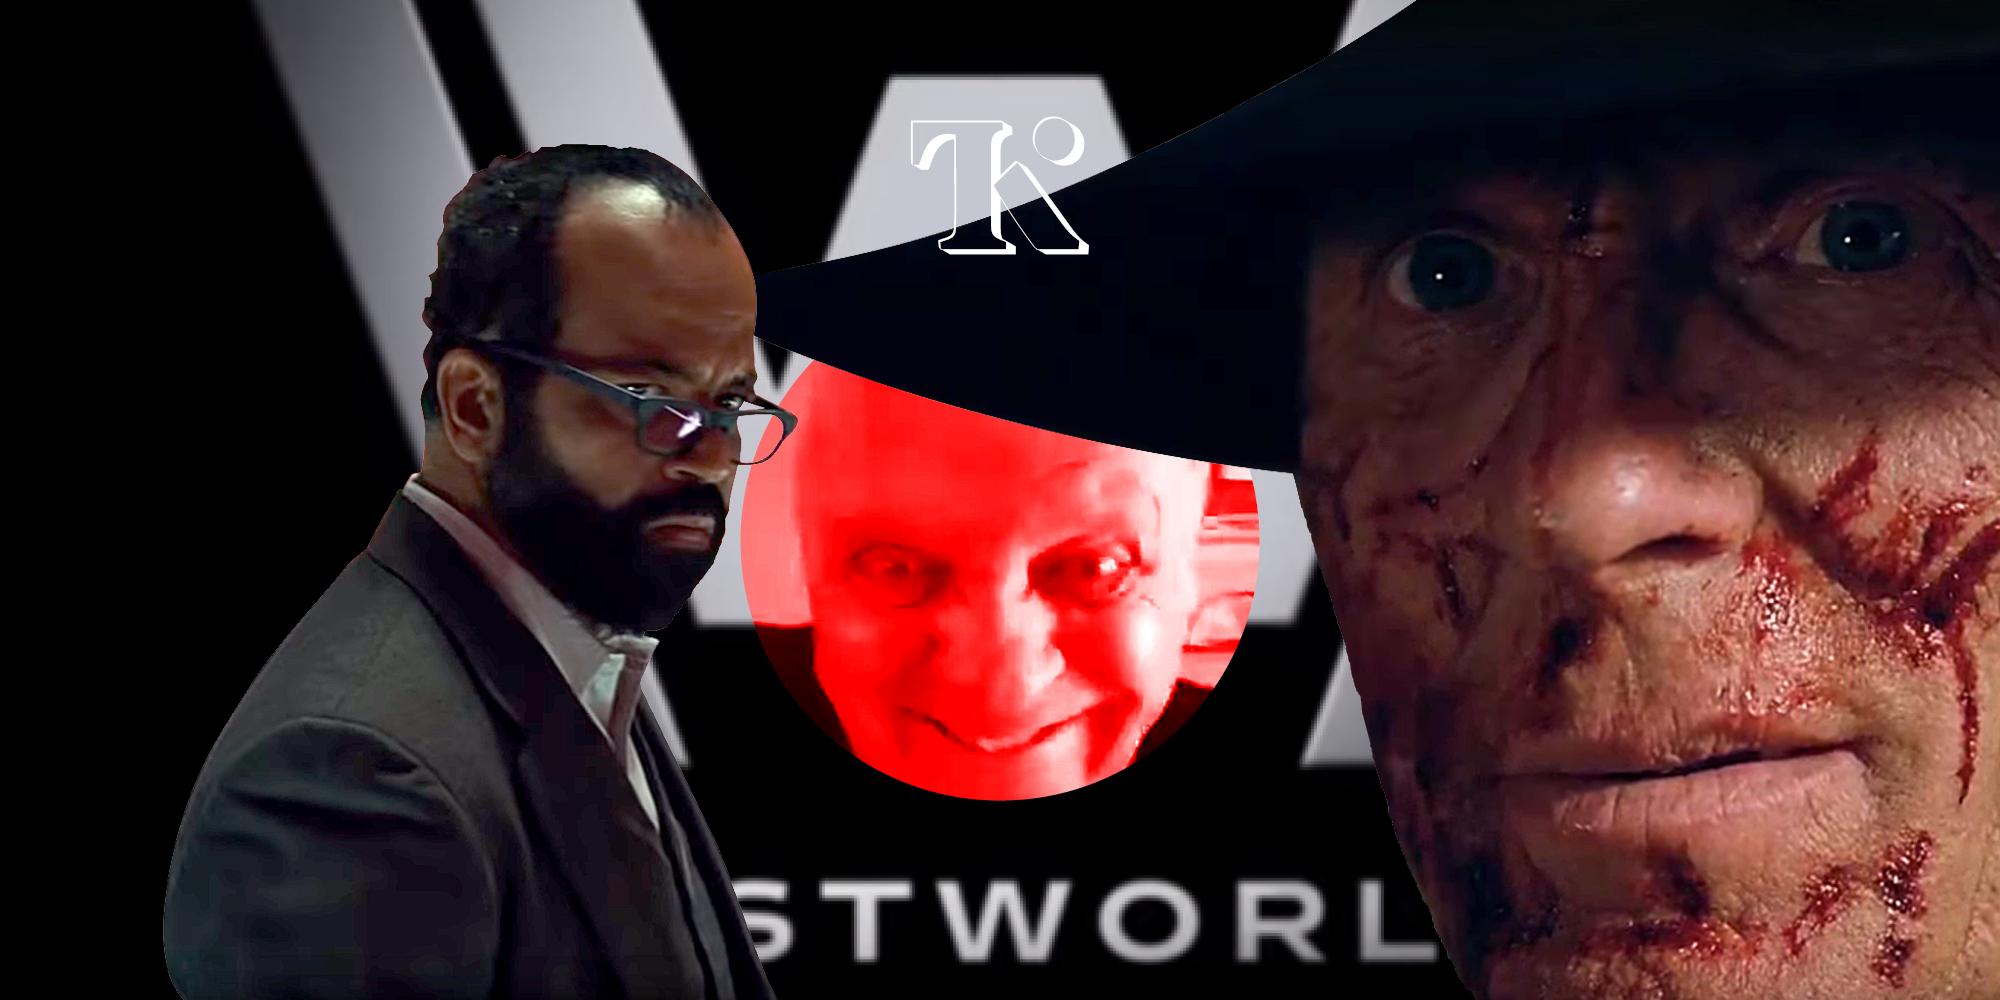 Беспросветный хаос: почему 2 сезон «Мира Дикого Запада» бесит фанатов